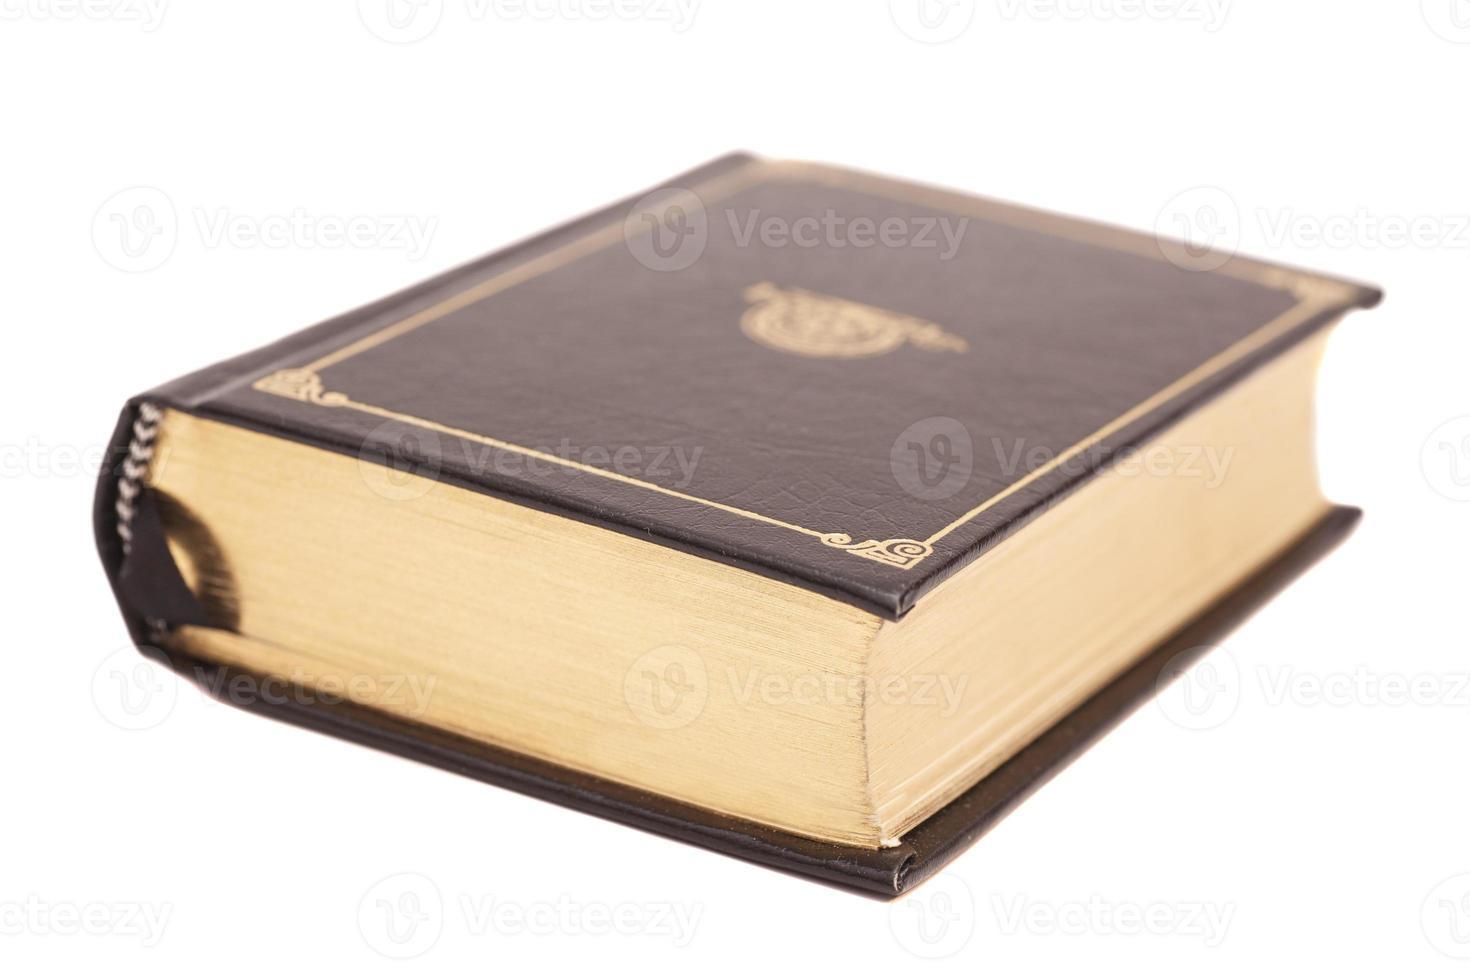 Buchcover isoliert auf weißem Hintergrund foto